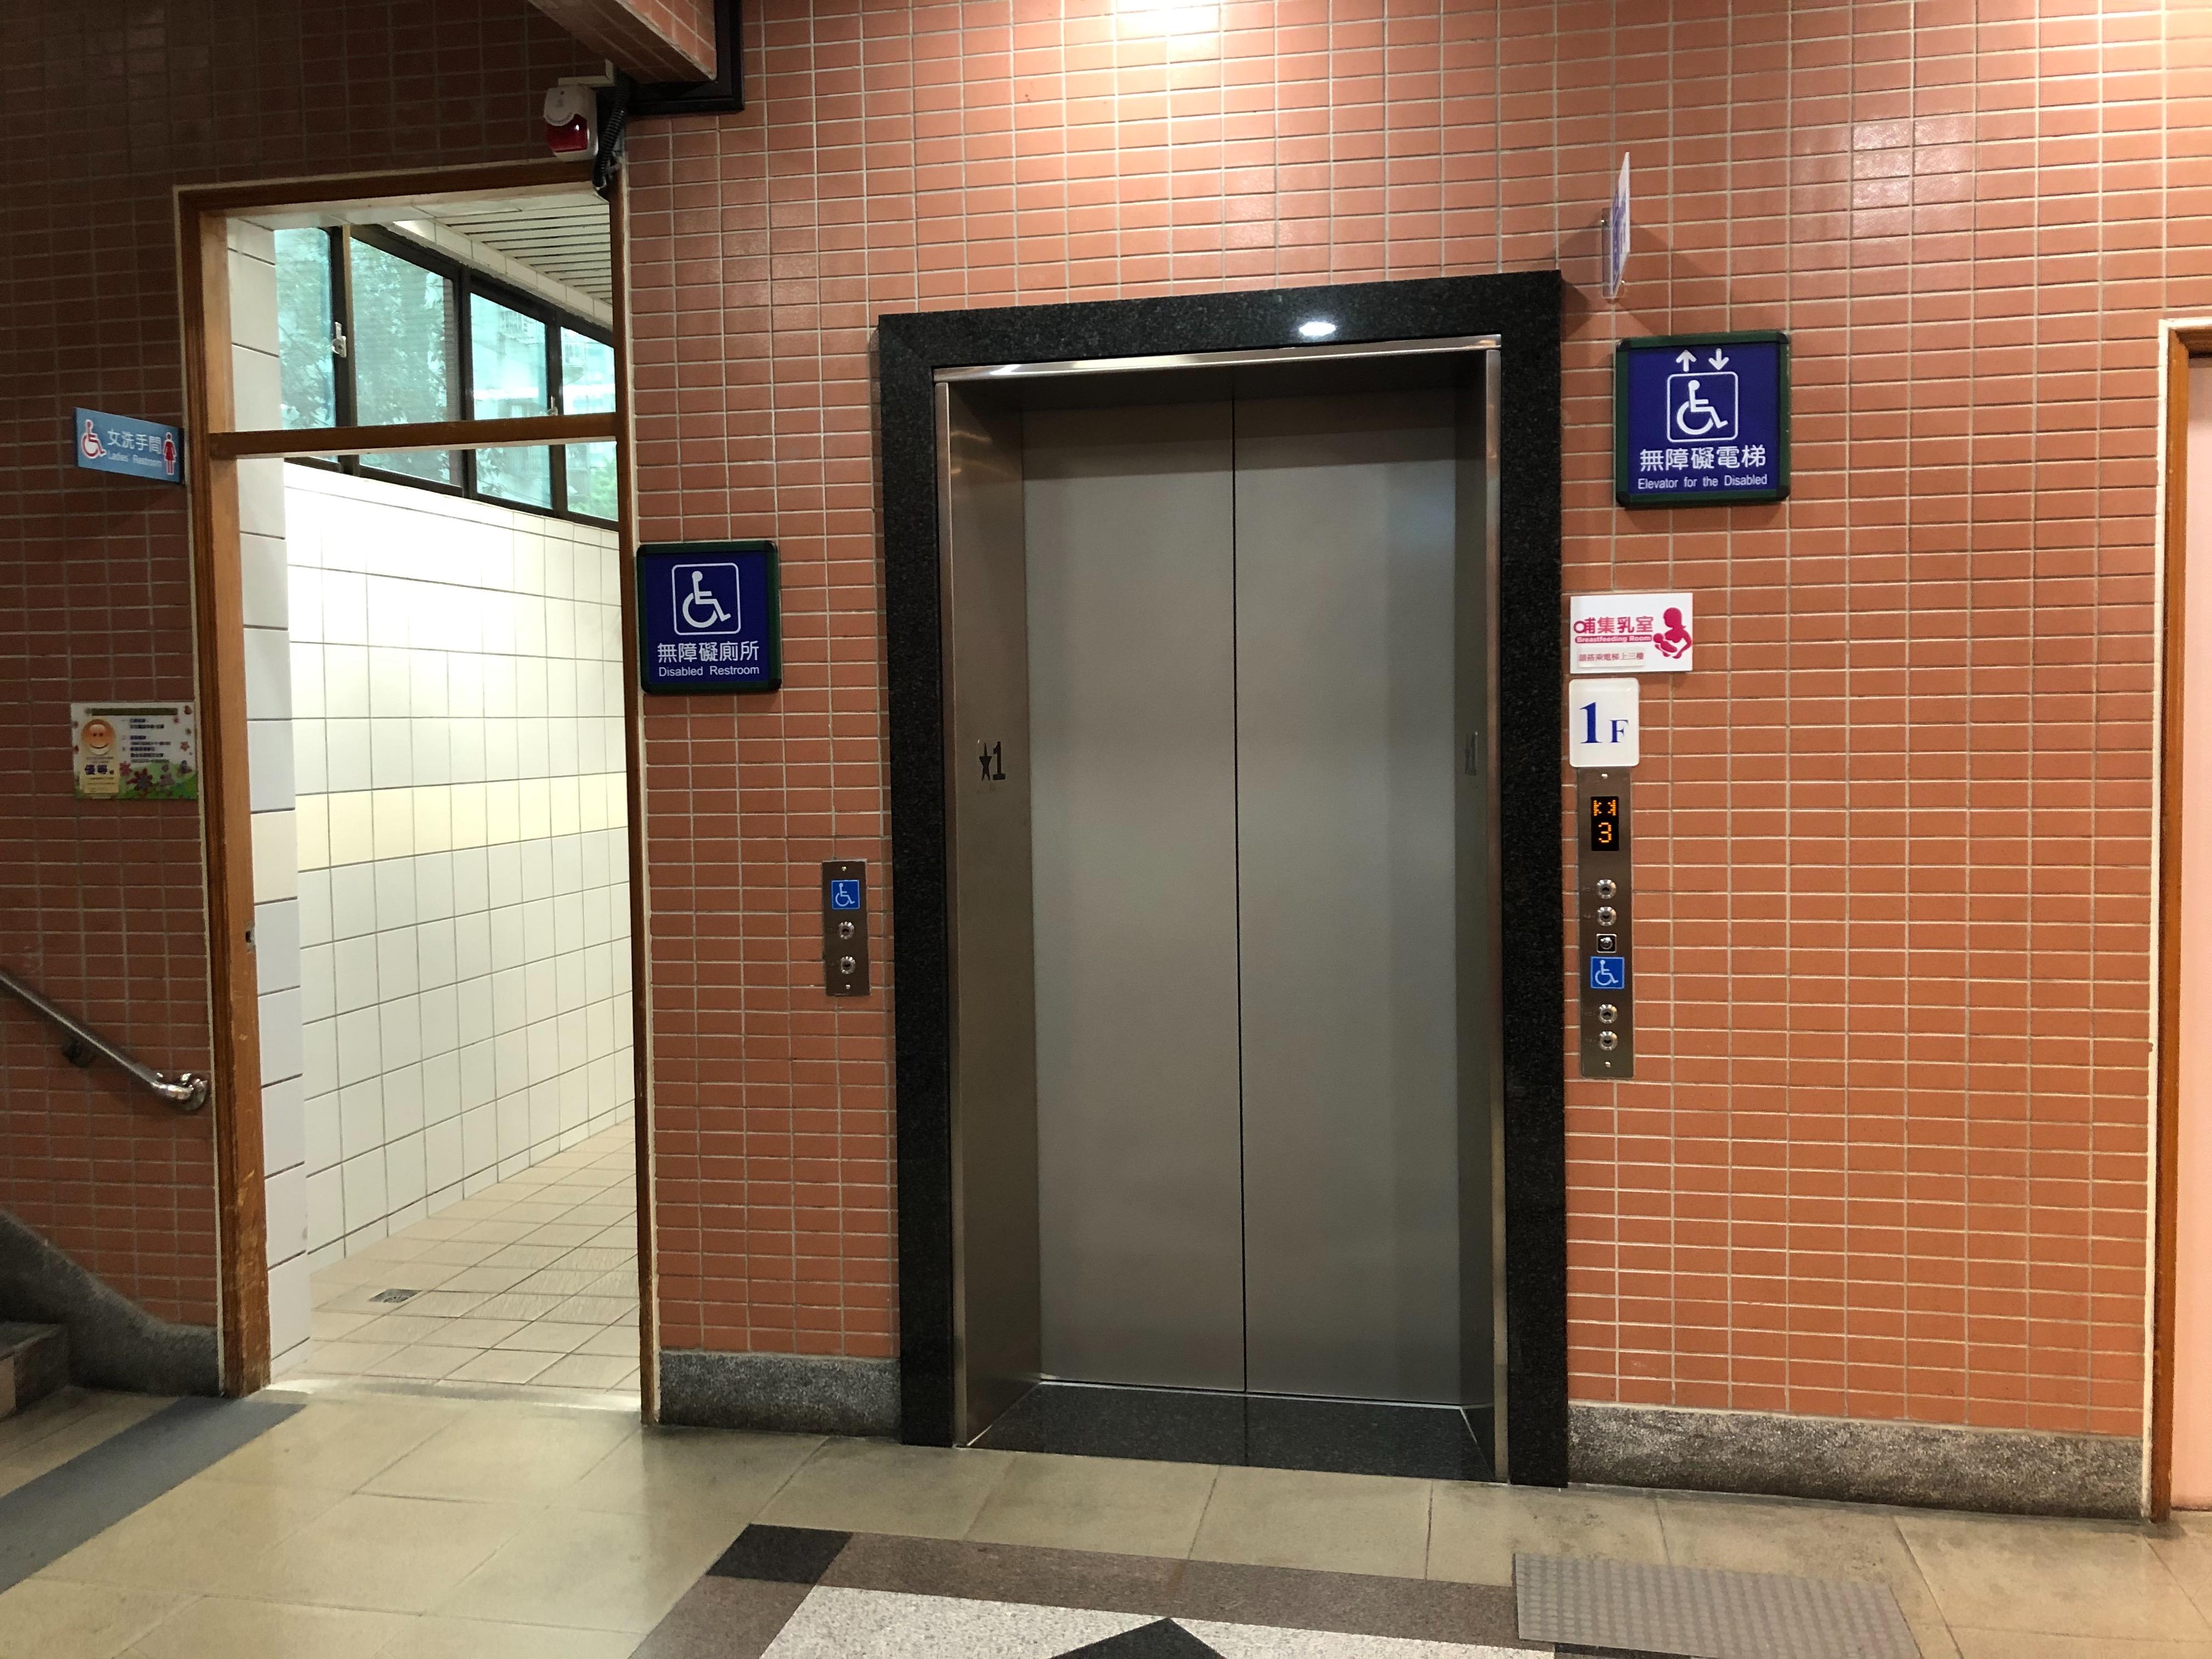 無障礙電梯 點字